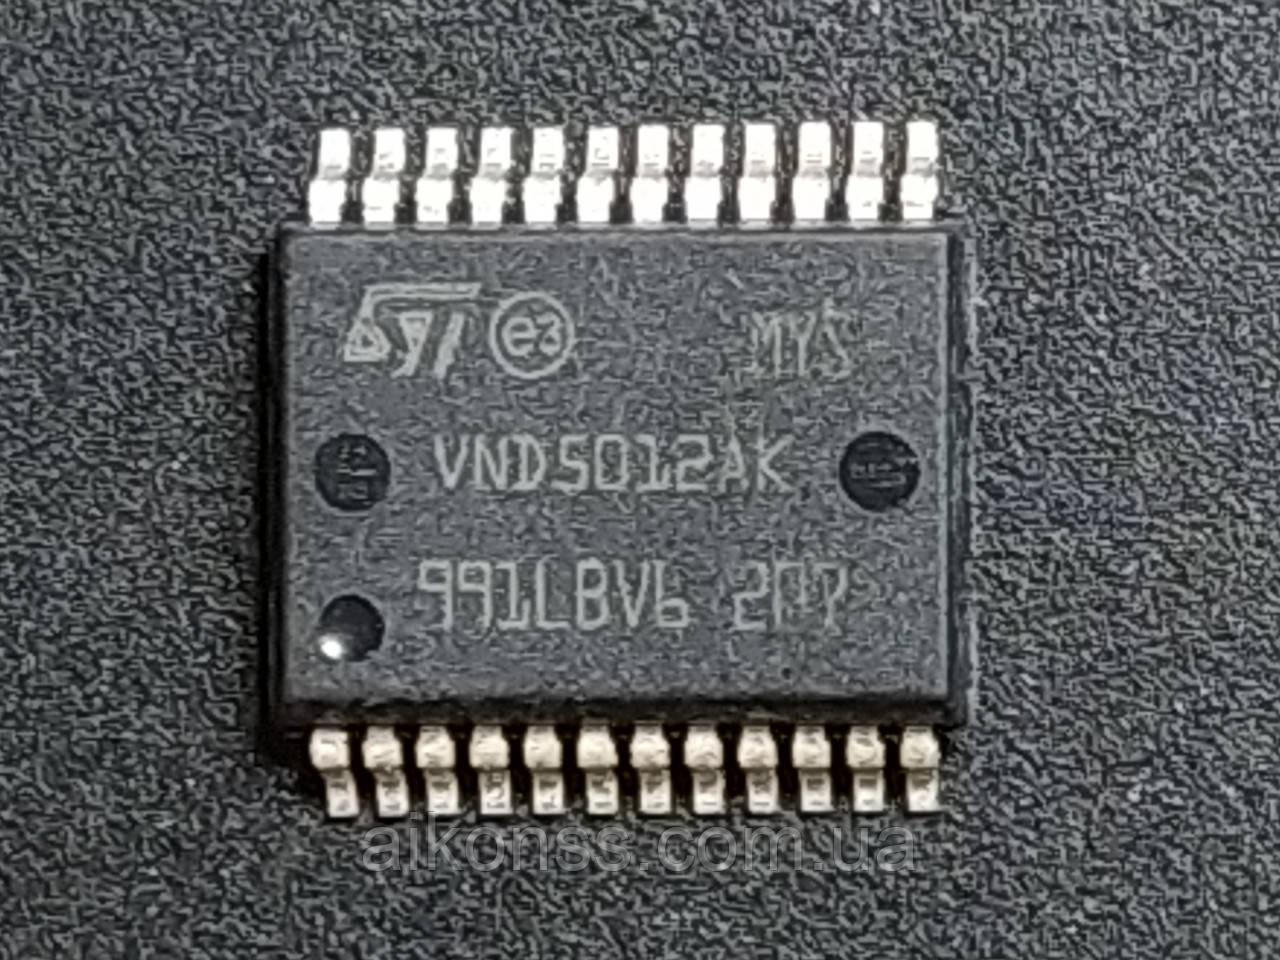 Микросхема VND5012AK